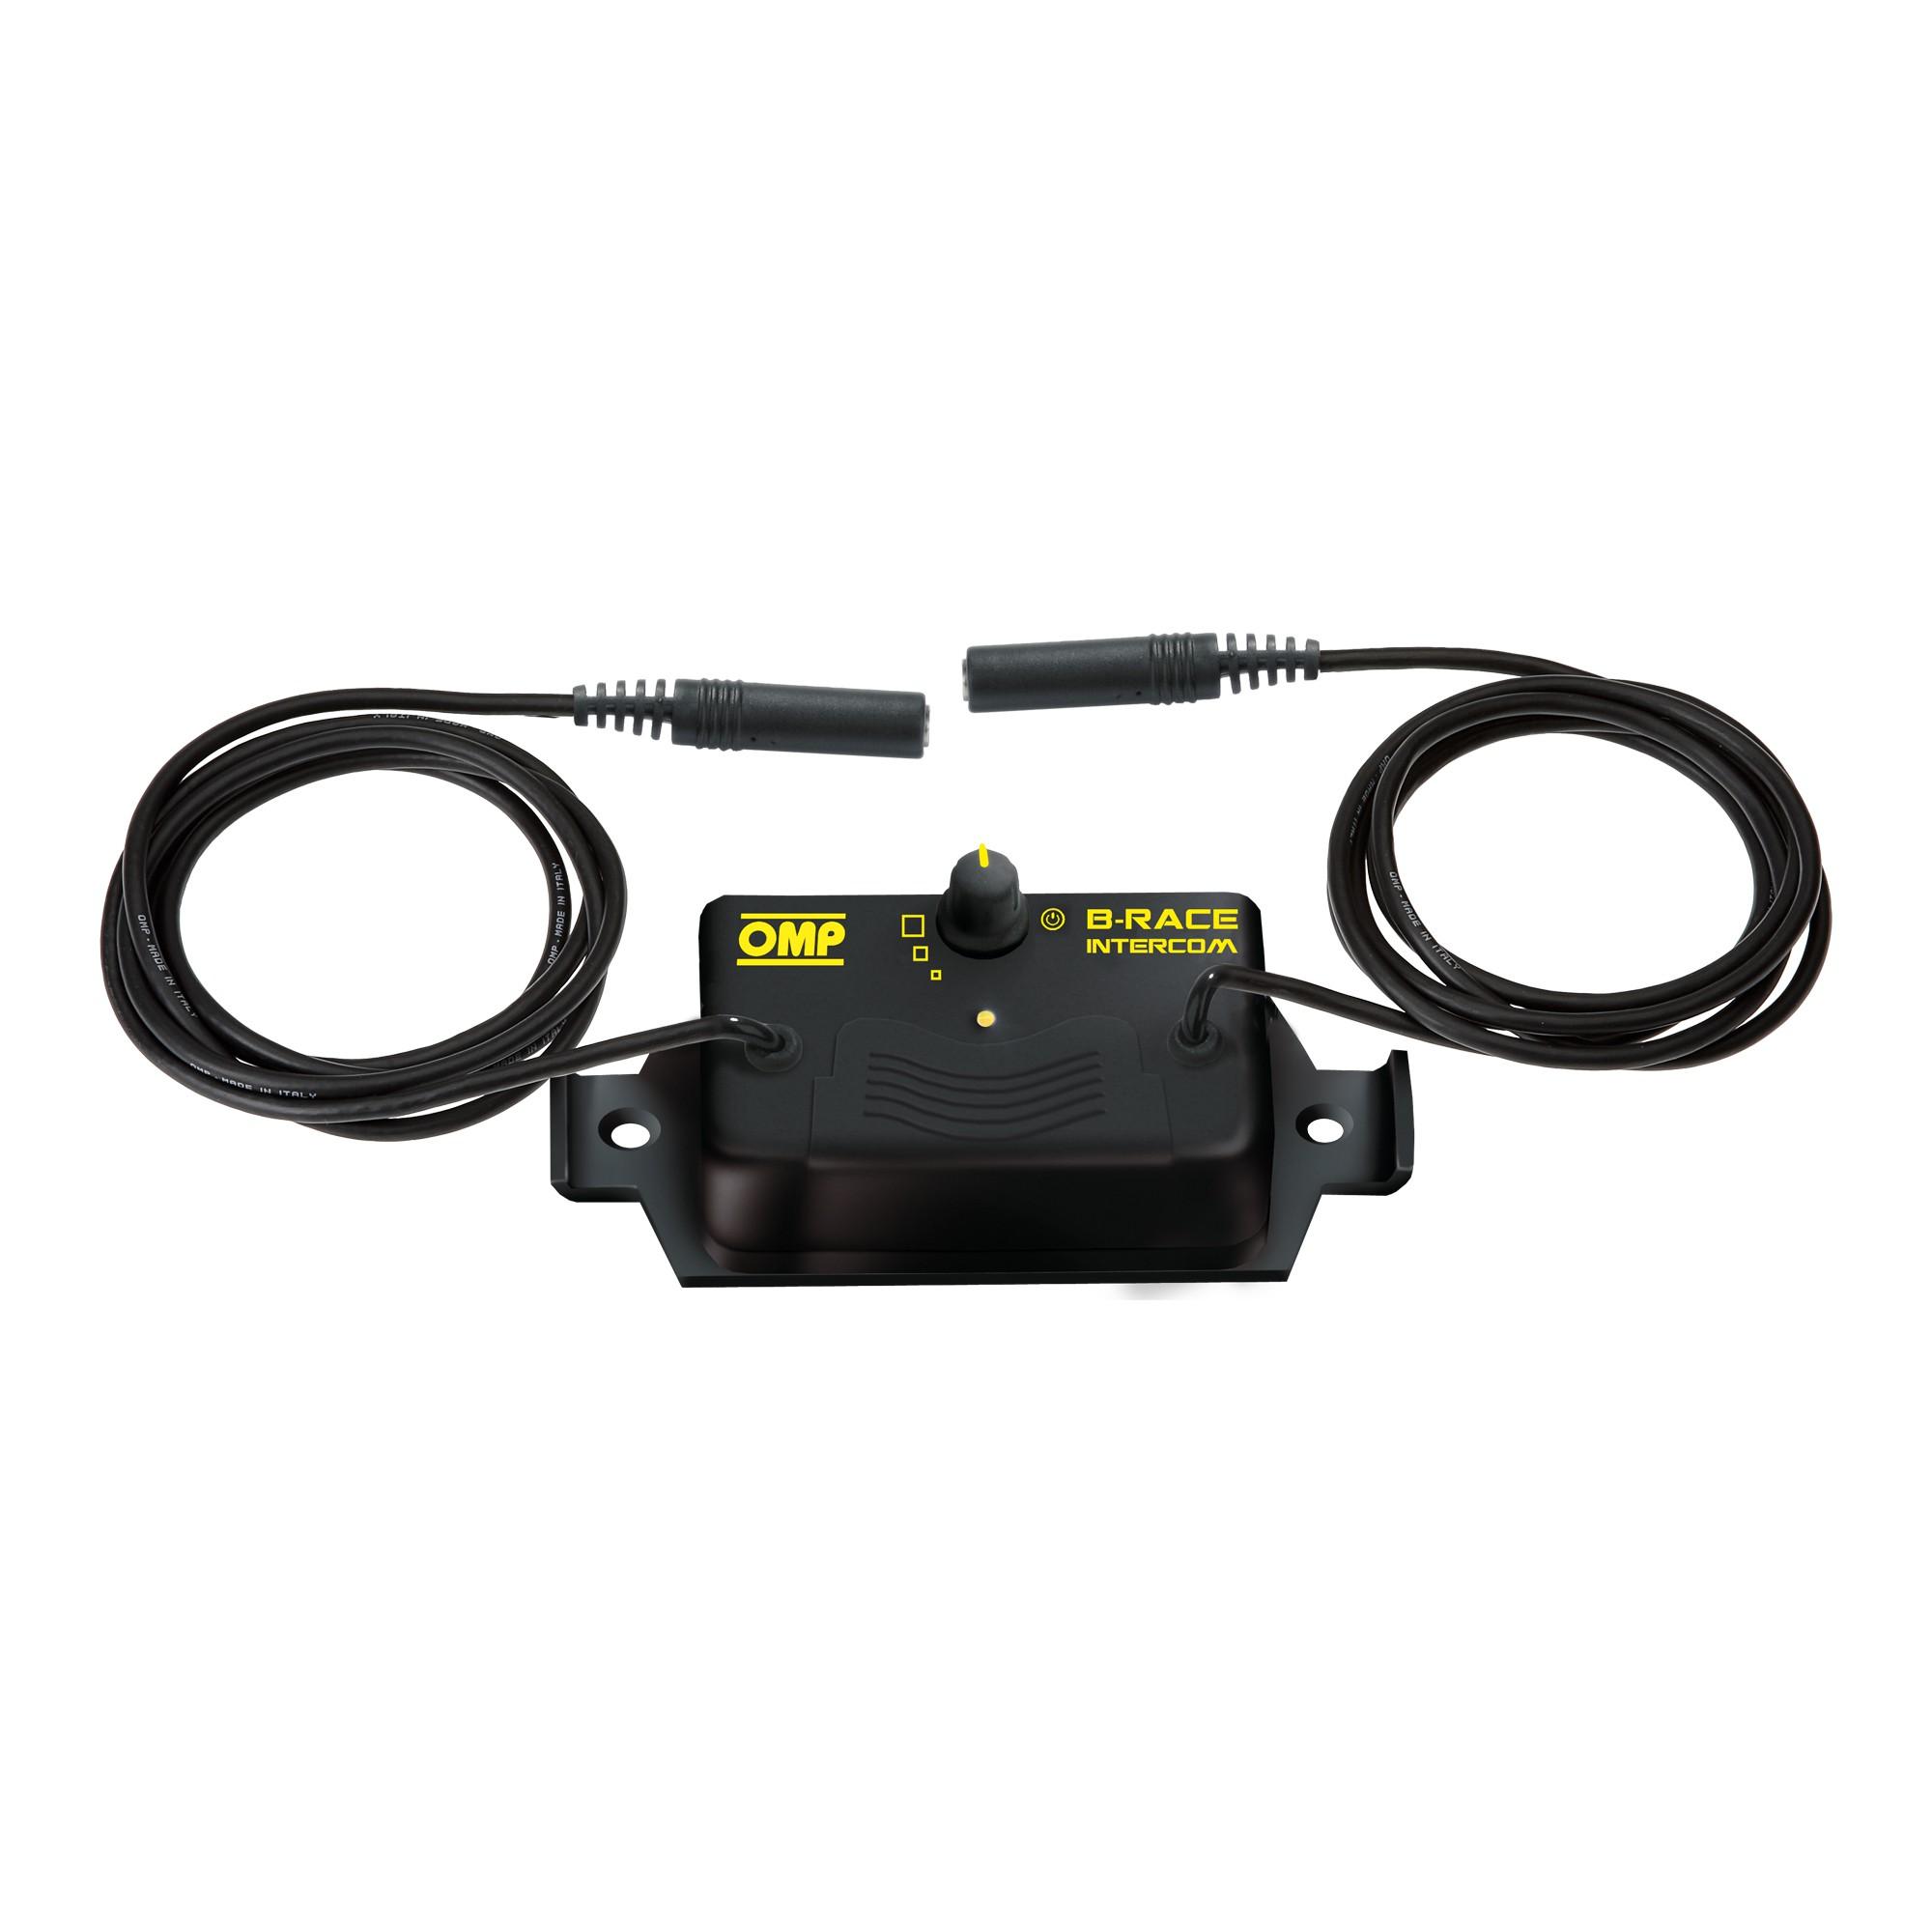 OMP B-Race Intercom Amplifier JA/874